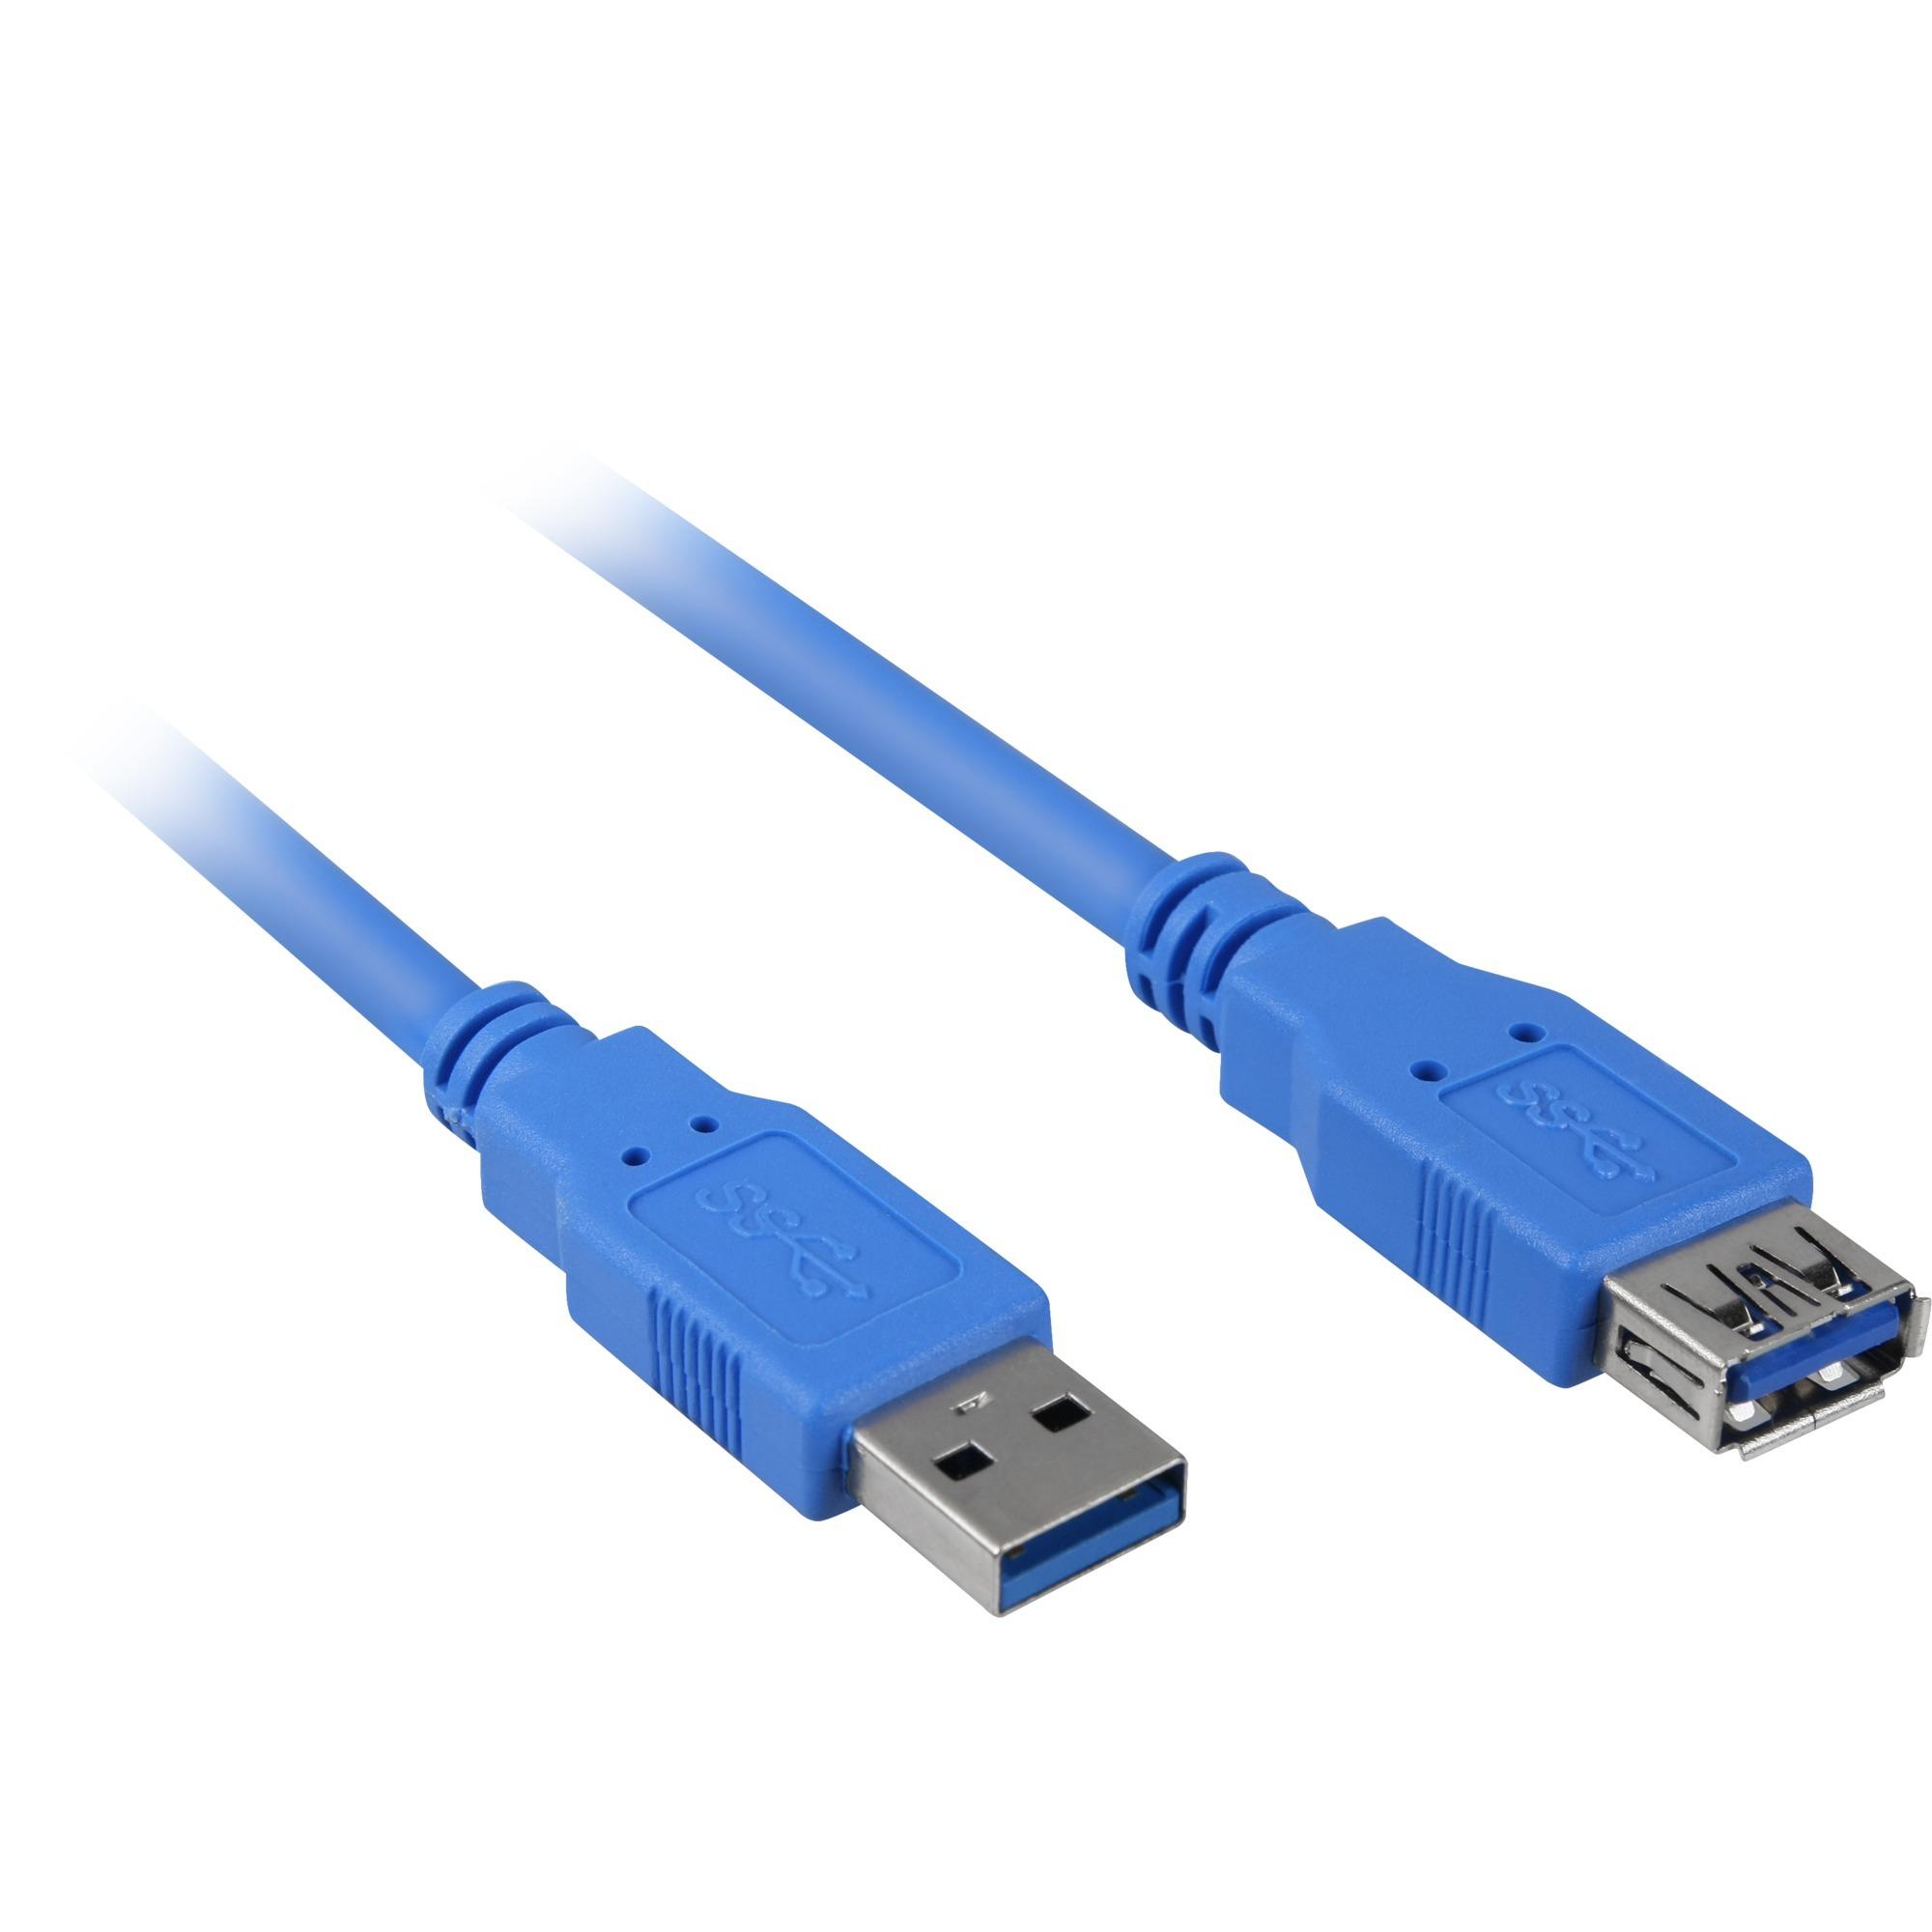 USB 3.0 Câble d'extension